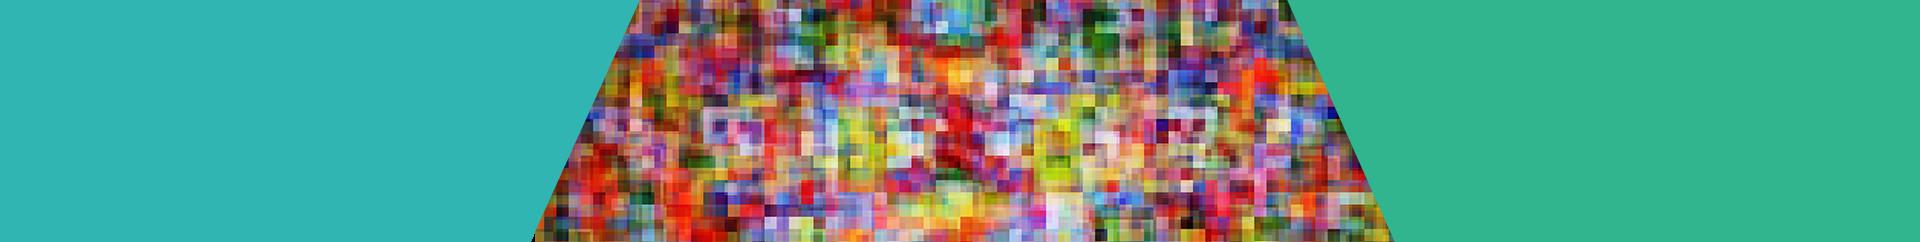 mega pixels